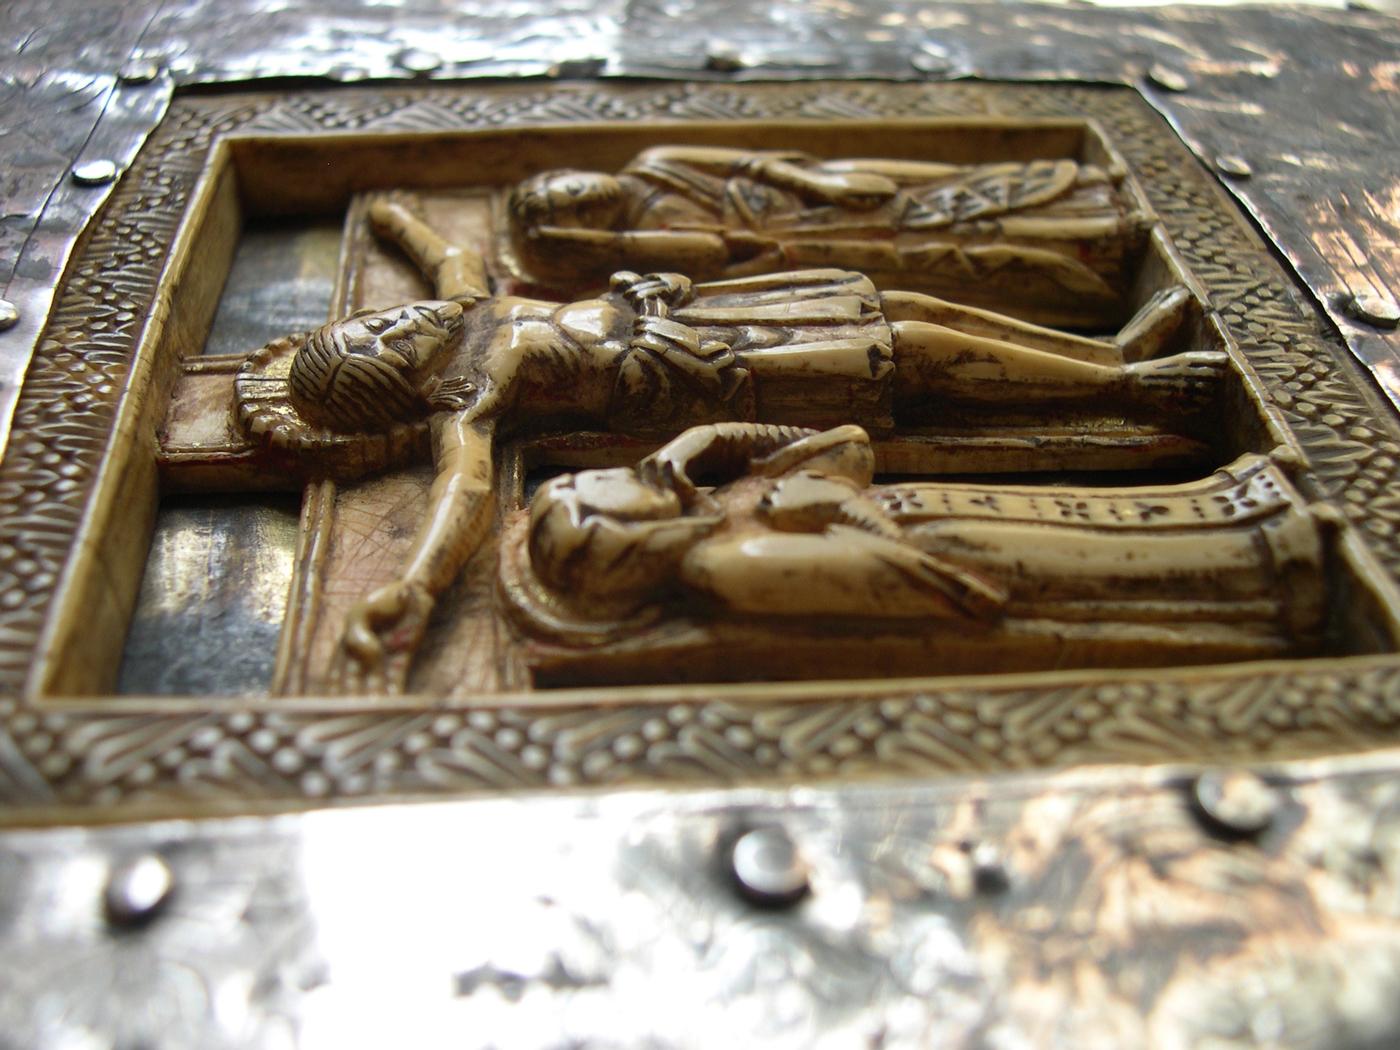 Crocifissione in avorio da evangeliario. Sec. XI-XII (Ms. O.IV.1)